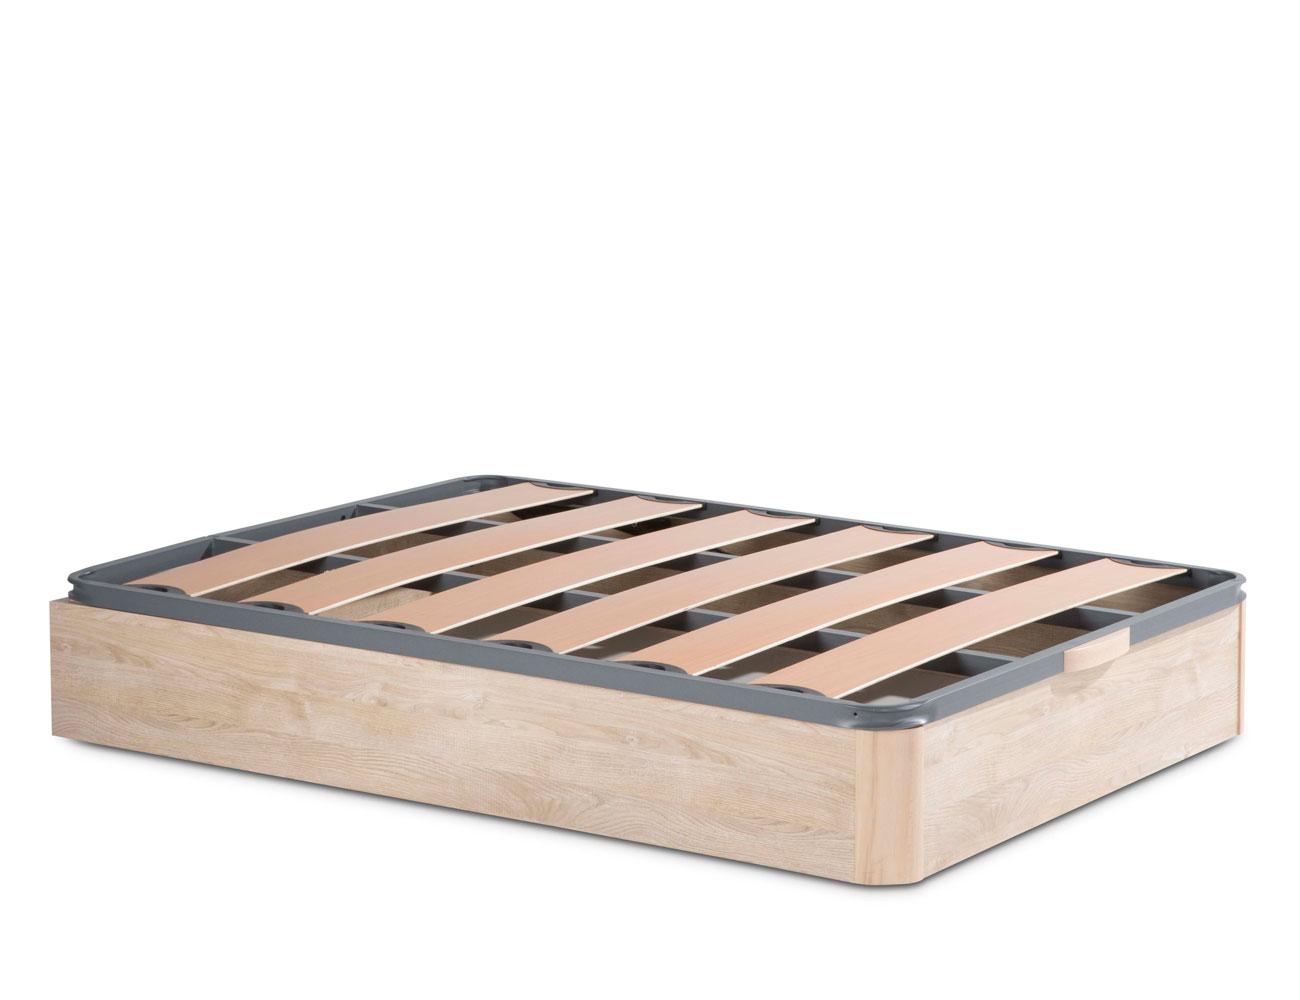 Canape madera somier laminas pvc 786